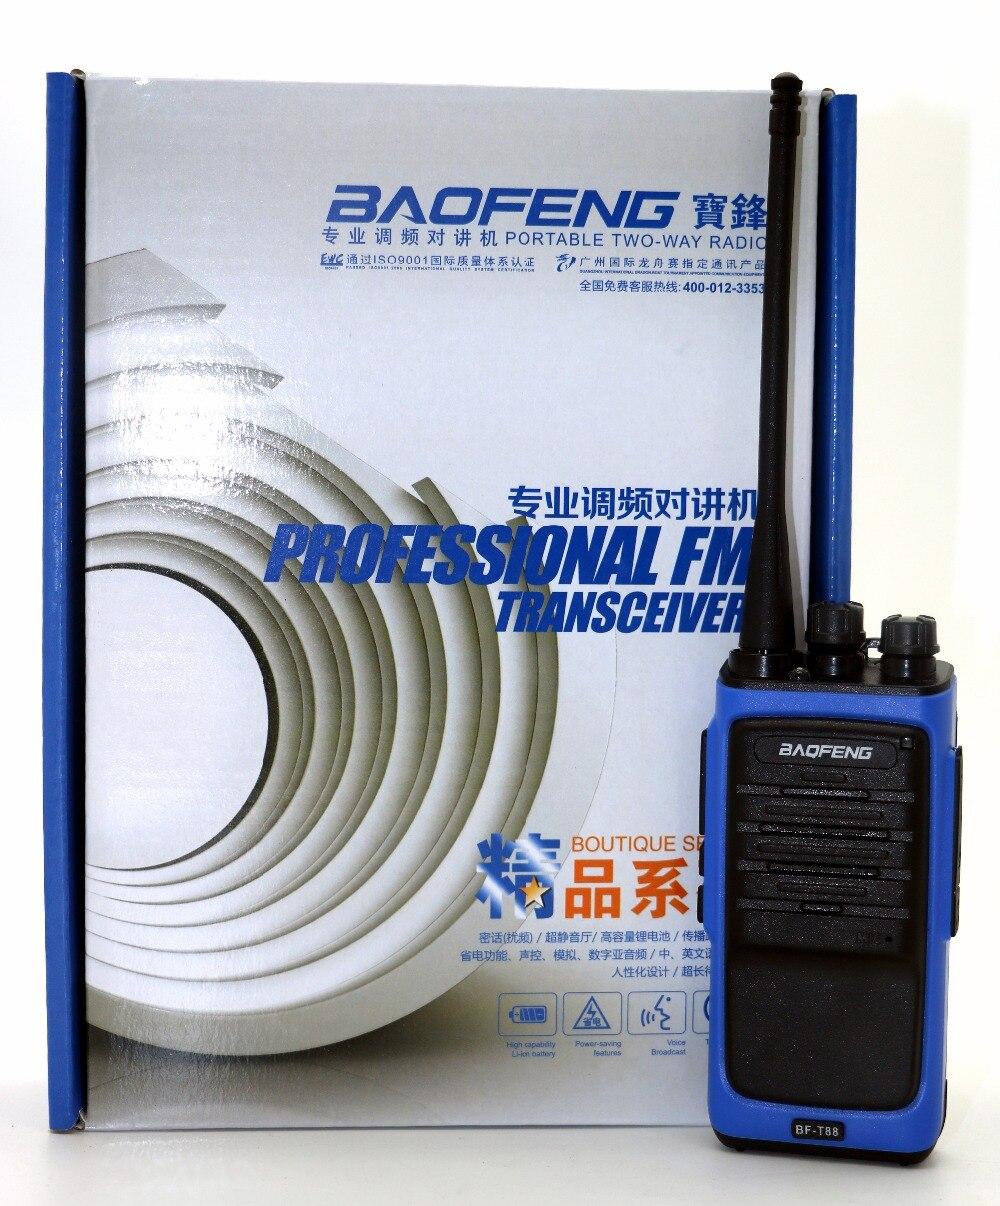 Baofeng BF-T88 Walkie Talkie BFT88 16CH 5 W UHF 400-480 MHz cb Portatile Radio Transceiver uso per la caccia meglio di BFBaofeng BF-T88 Walkie Talkie BFT88 16CH 5 W UHF 400-480 MHz cb Portatile Radio Transceiver uso per la caccia meglio di BF